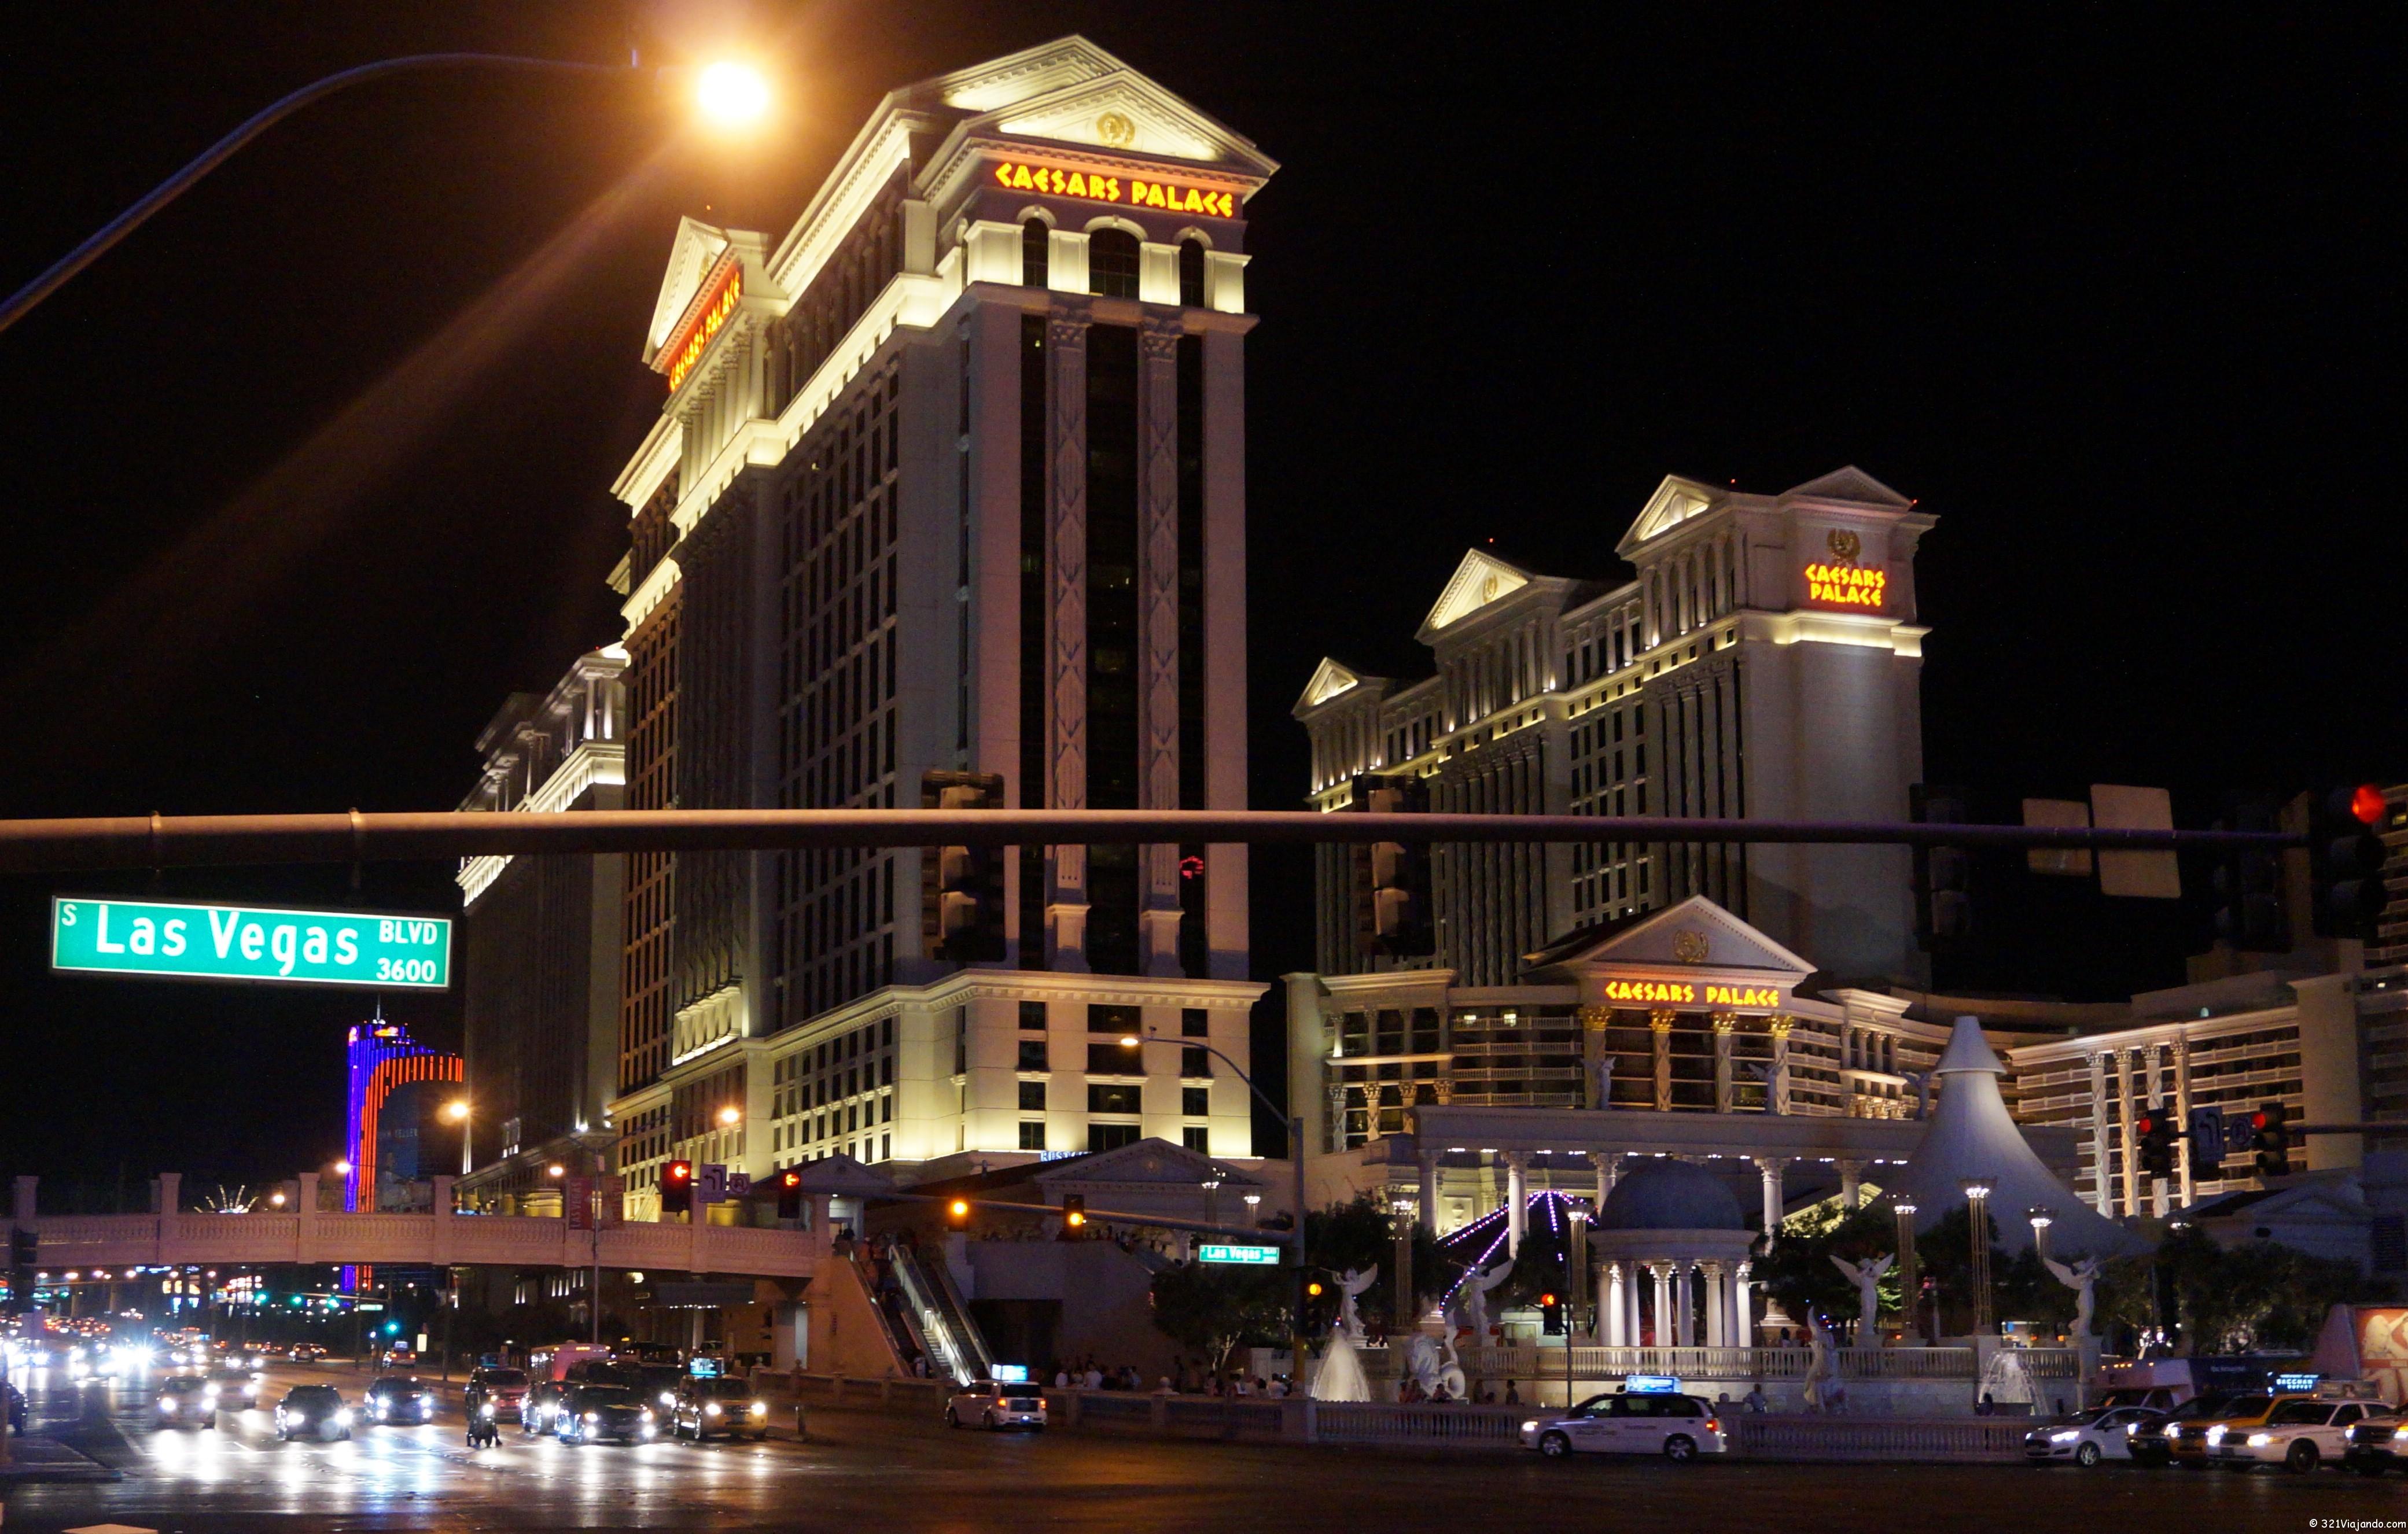 Asi Es Las Vegas La Ciudad Que Nunca Duerme: Ruta Coche Costa Oeste Eeuu Archivos